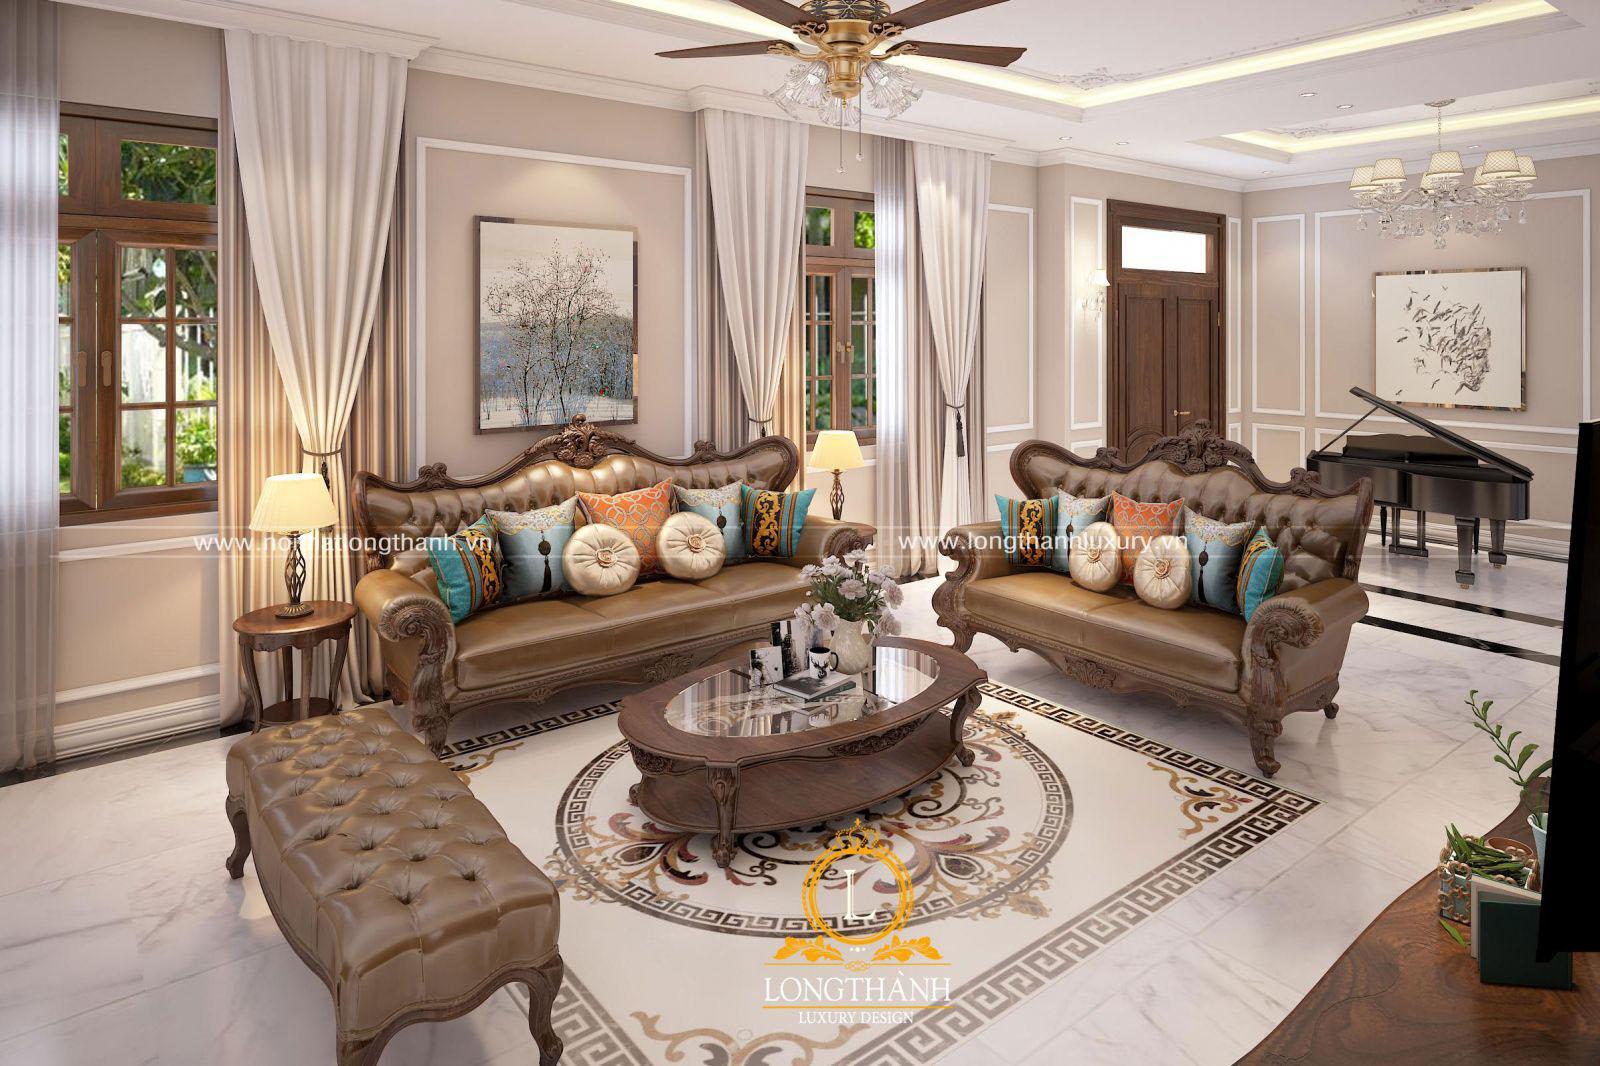 Phòng khách hiện đại mang đến cái nhìn nhẹ nhàng, thanh thoát